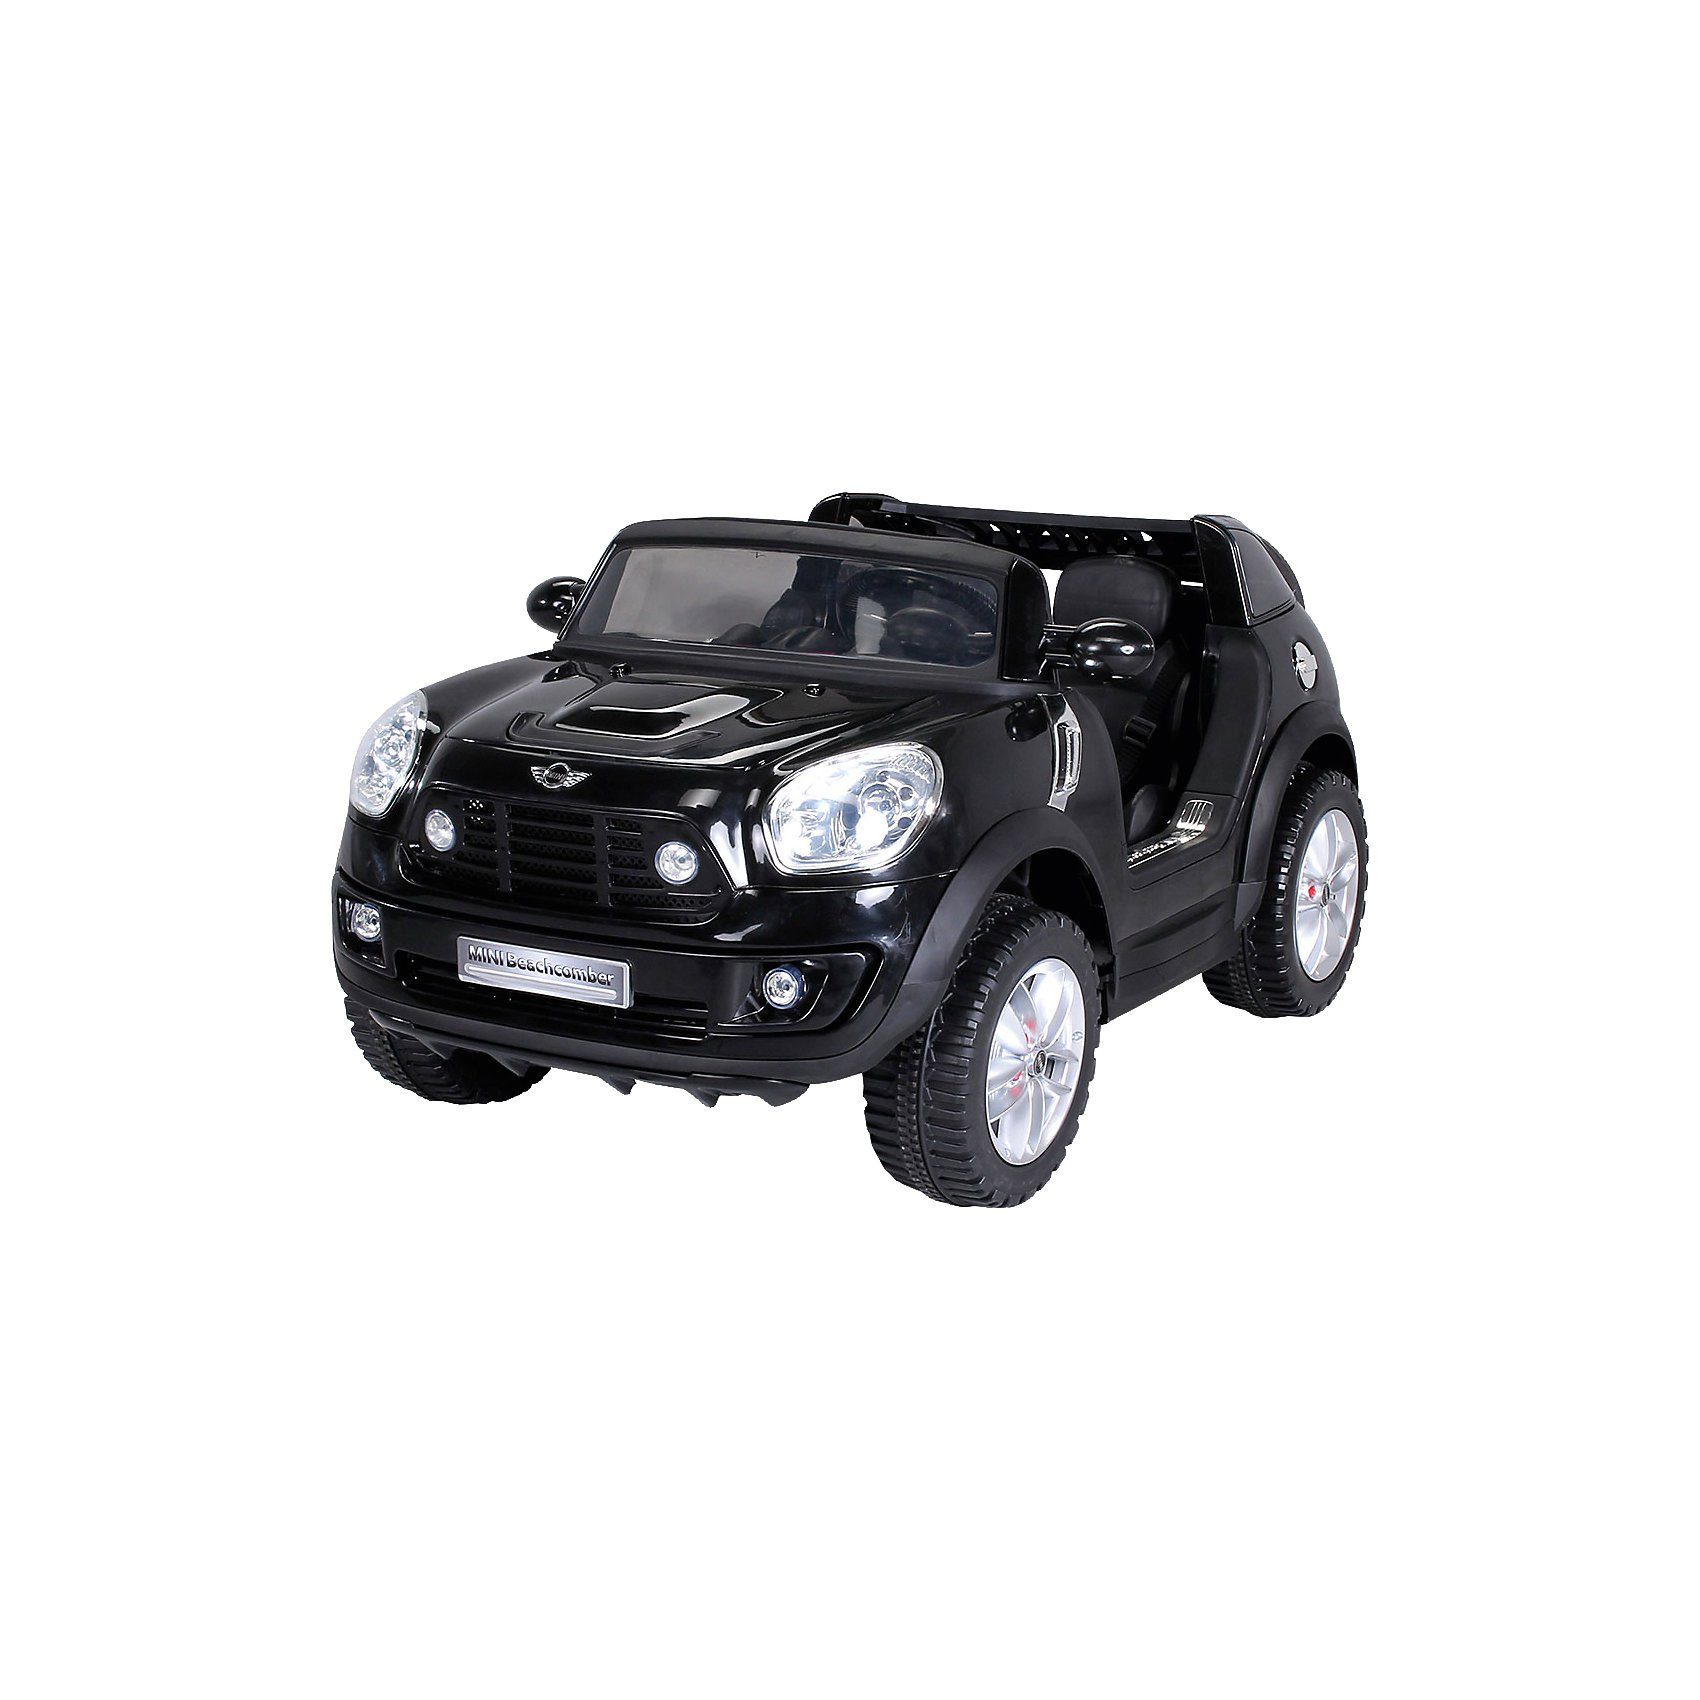 miweba Kinder Elektroauto BMW Mini Beachcomber Lizenziert, schwarz